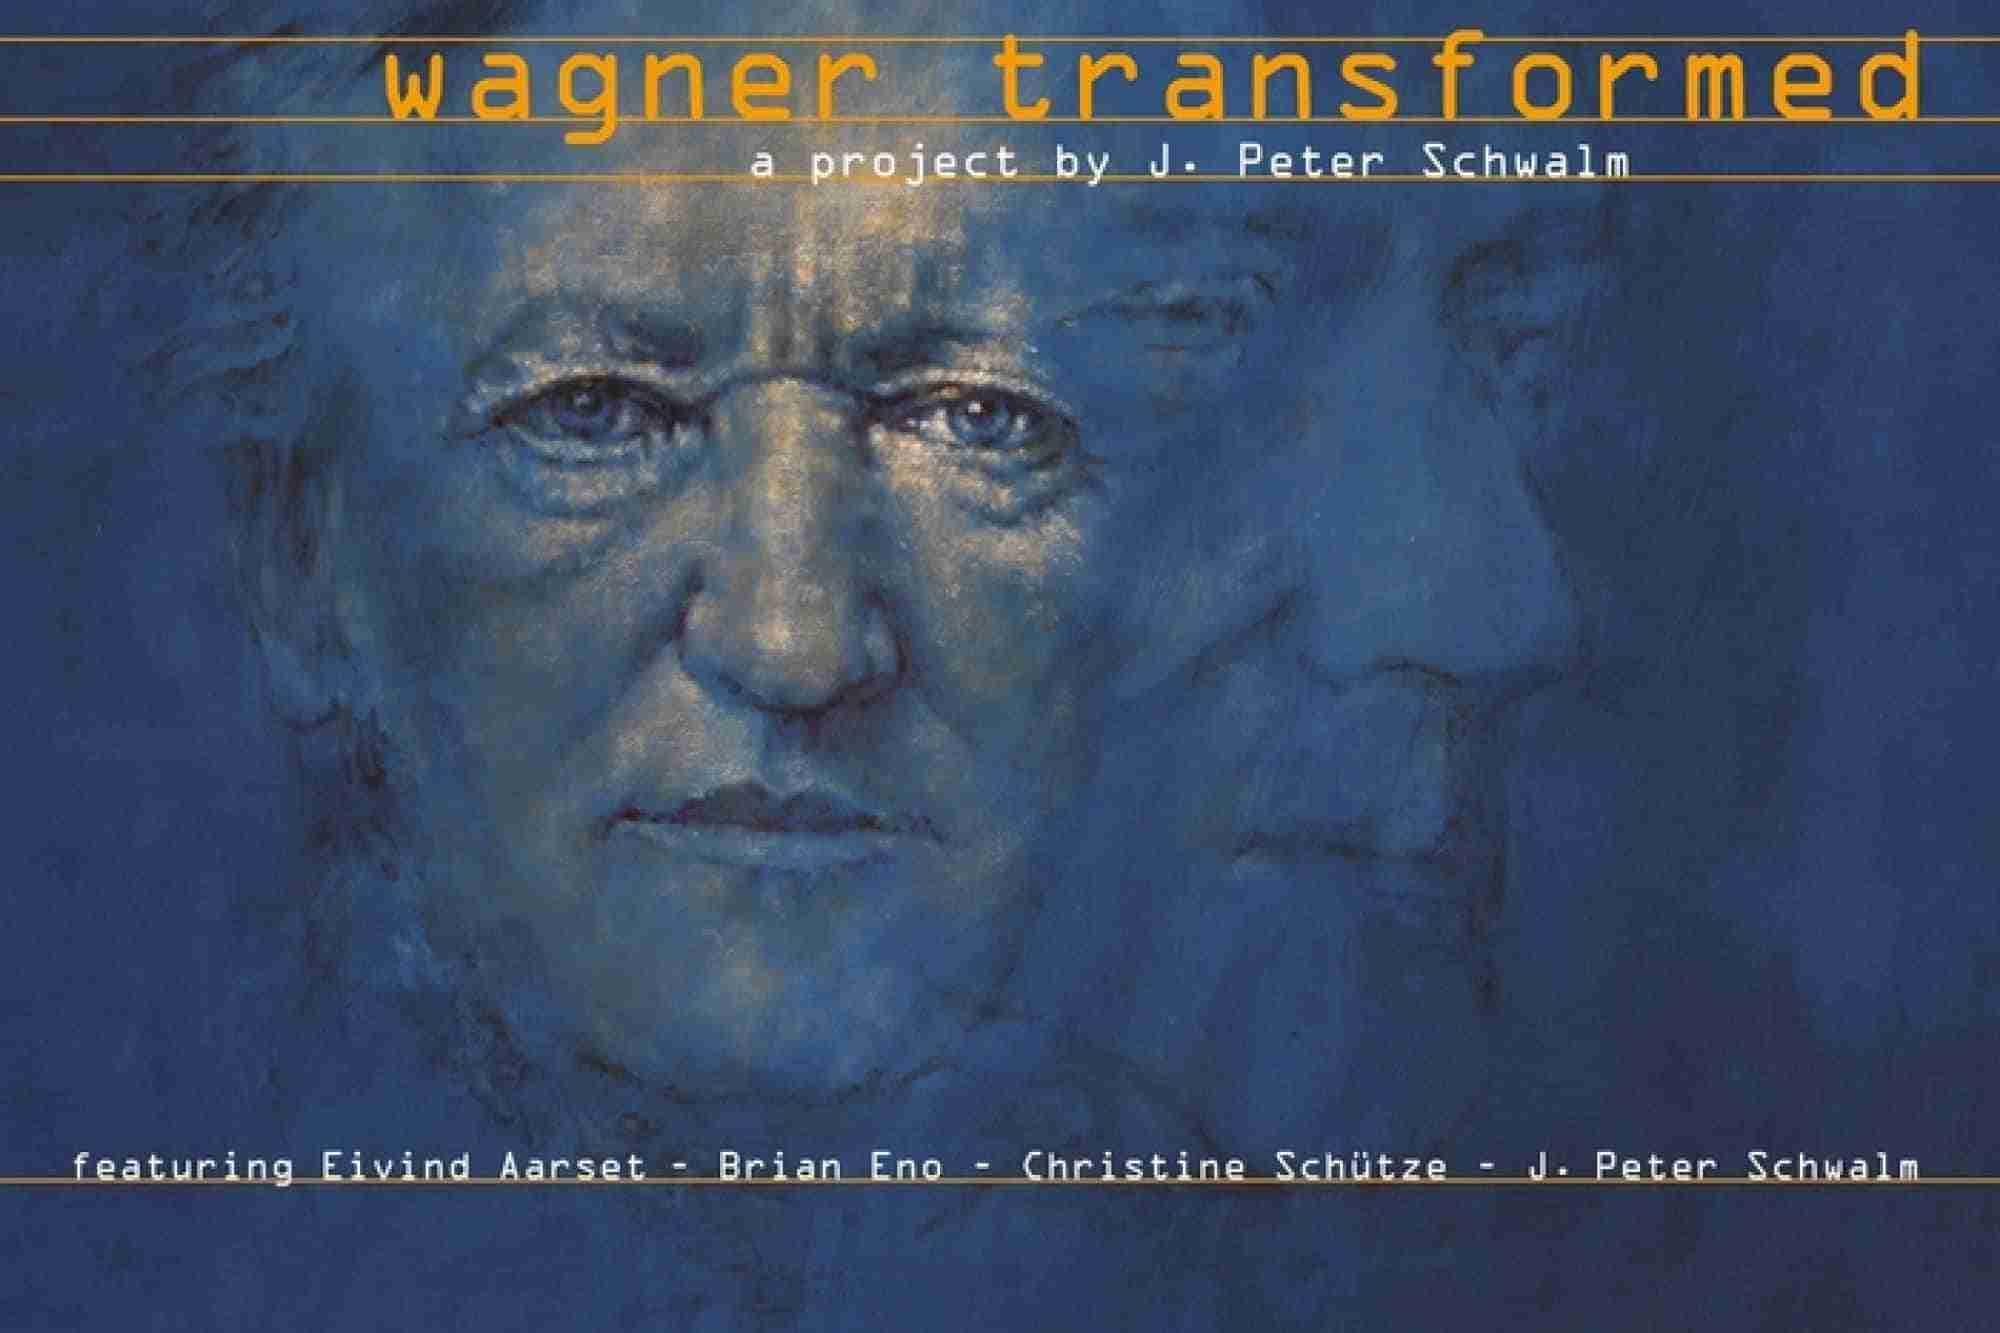 Wagner Transformed, frutto della ricerca di J. Peter Schwalm